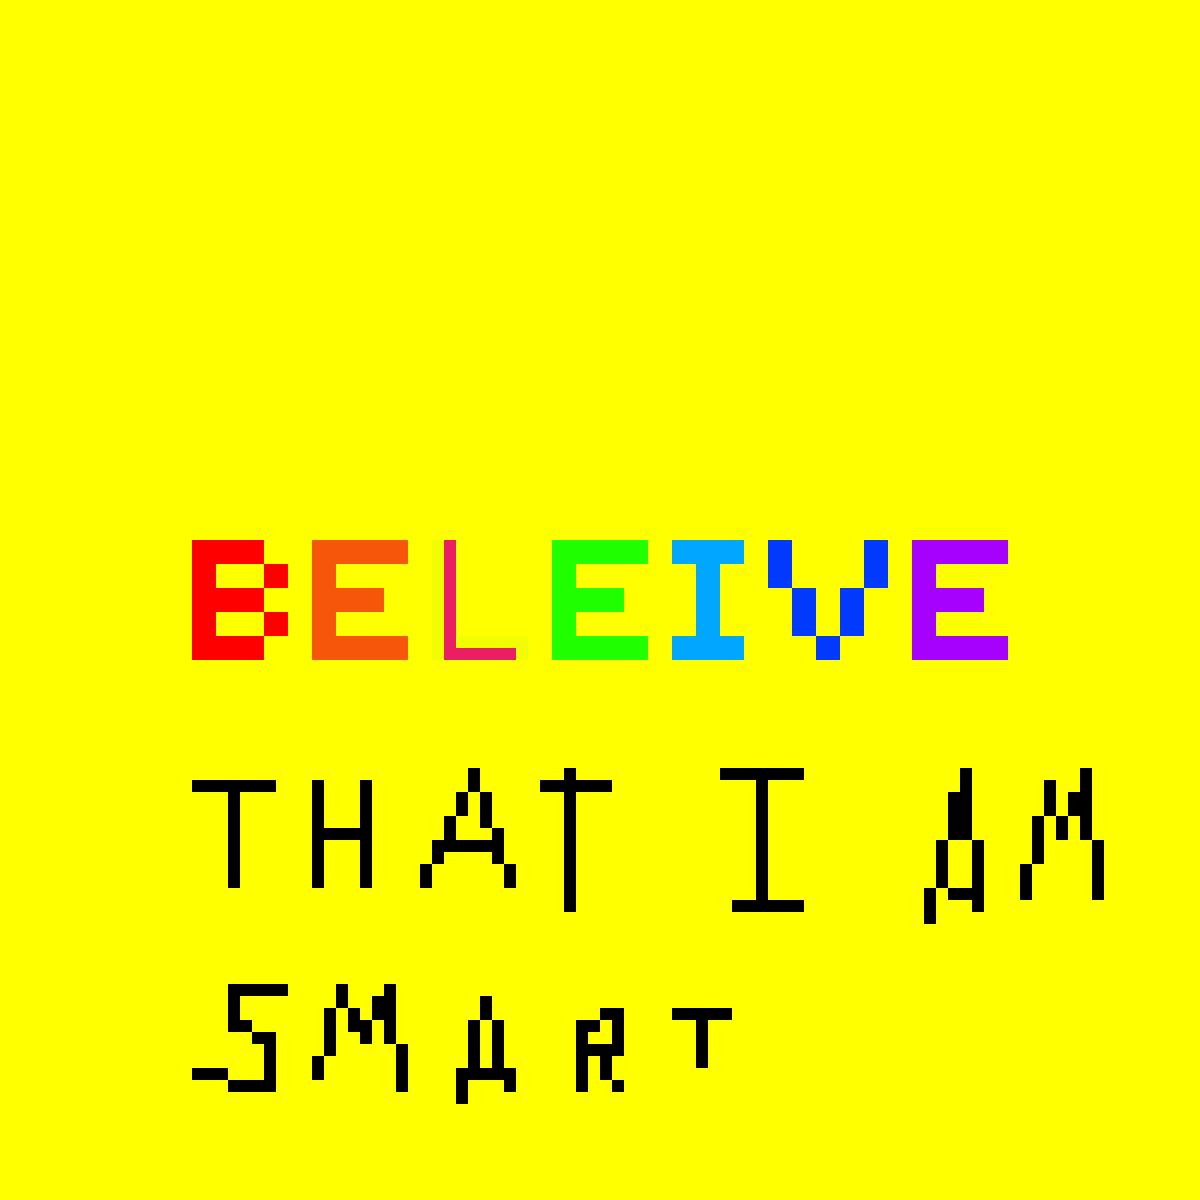 Believe by IamY0gletheYak